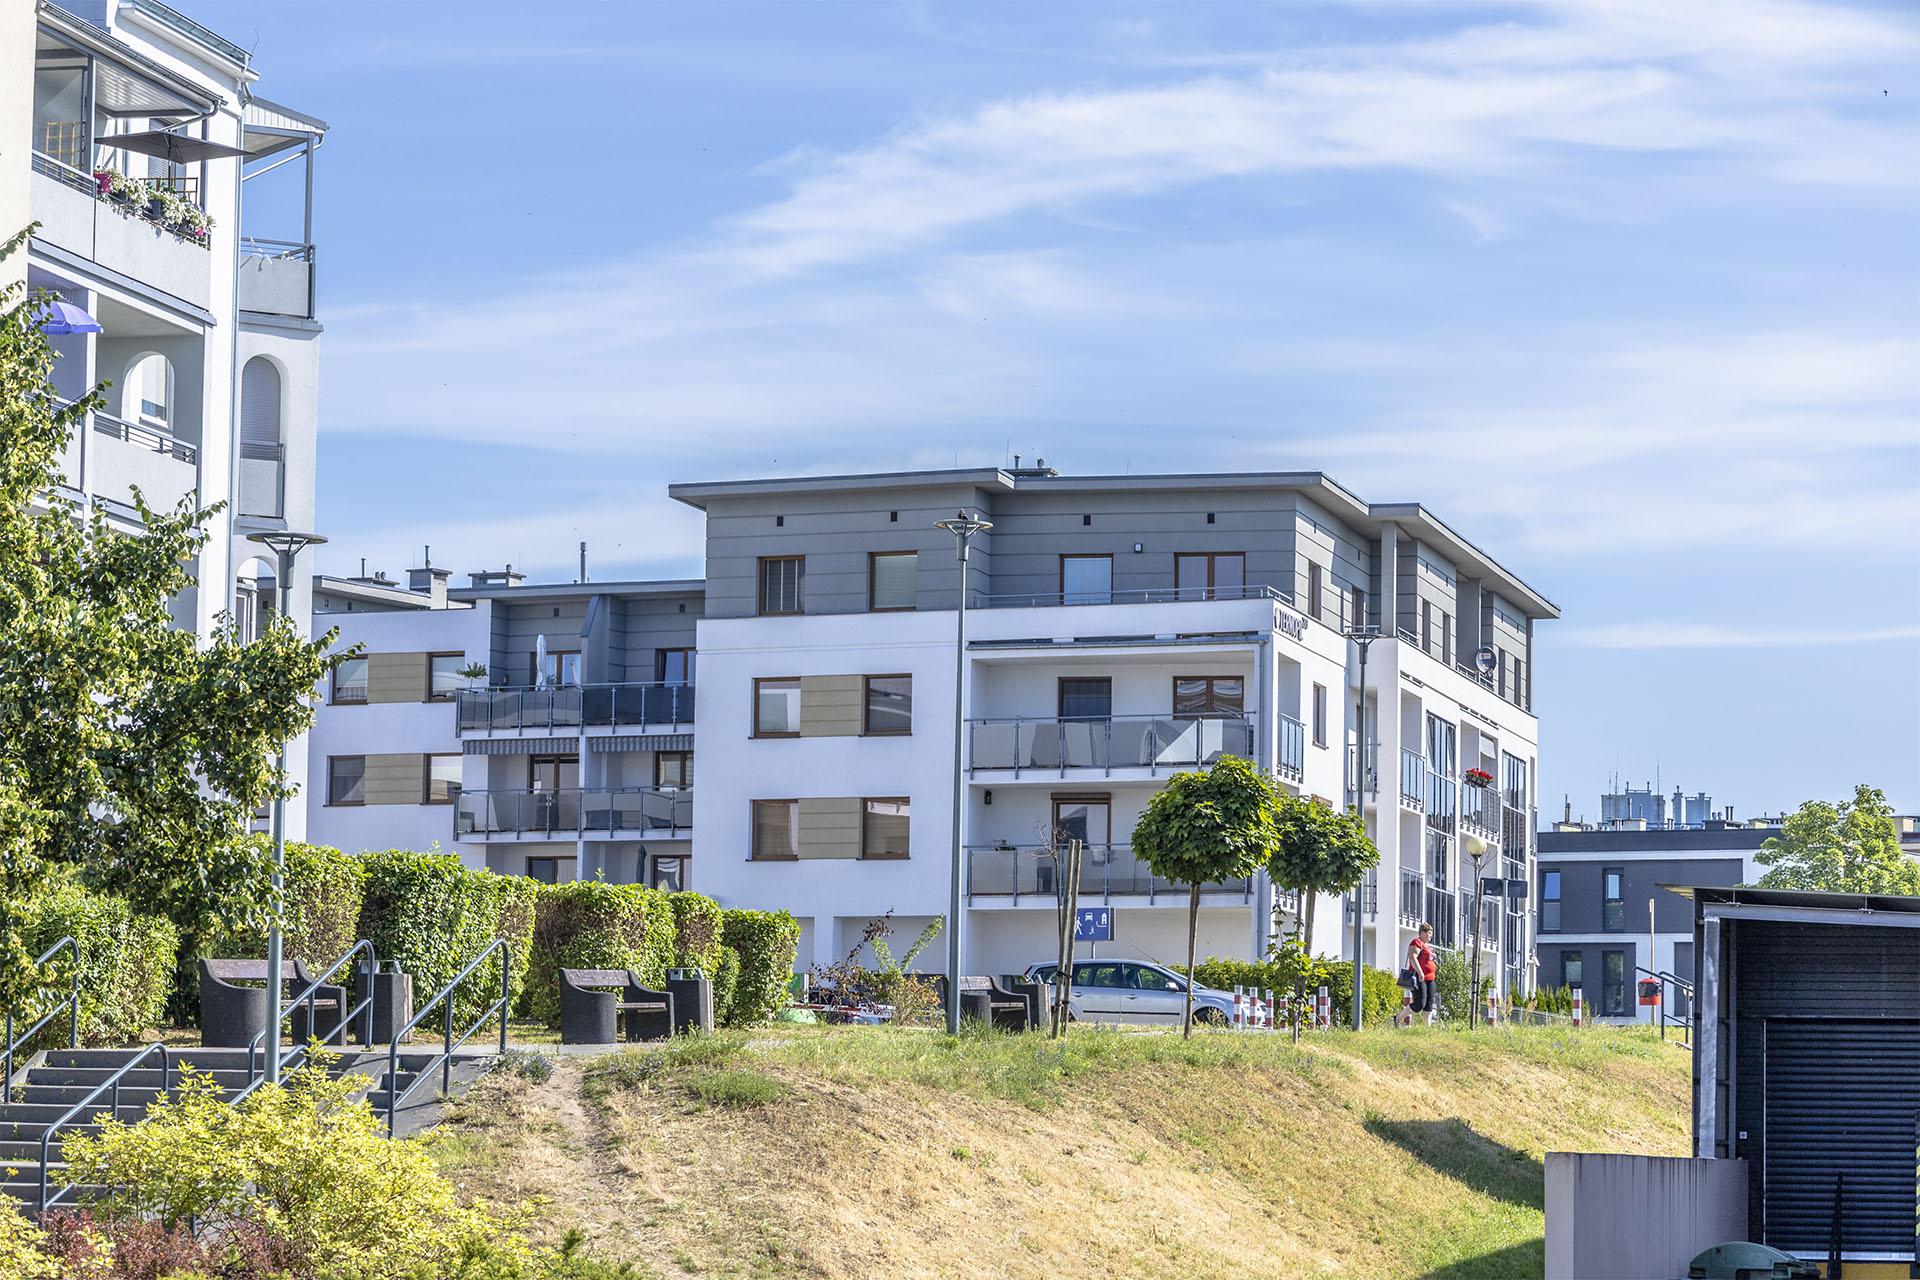 Nowa zabudowa mieszkaniowa na Górnym jest wkomponowywana w zastany układ urbanistyczny. Fot. Marcin Maziarz